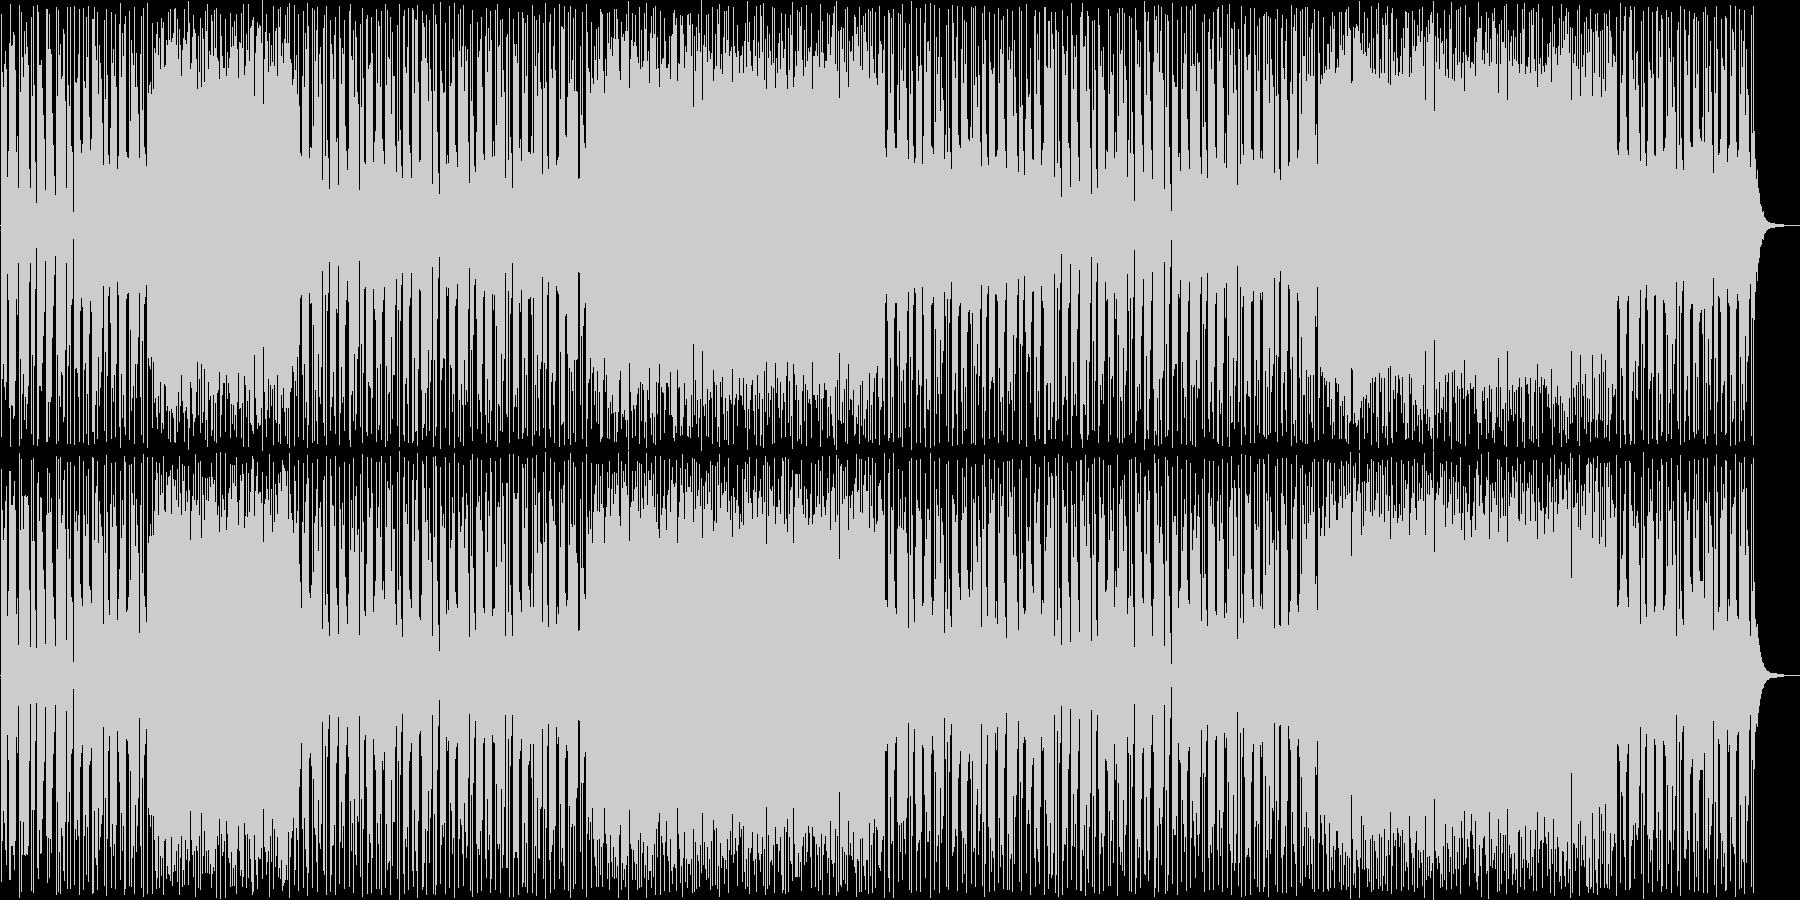 はじけるギターポップサウンドの未再生の波形